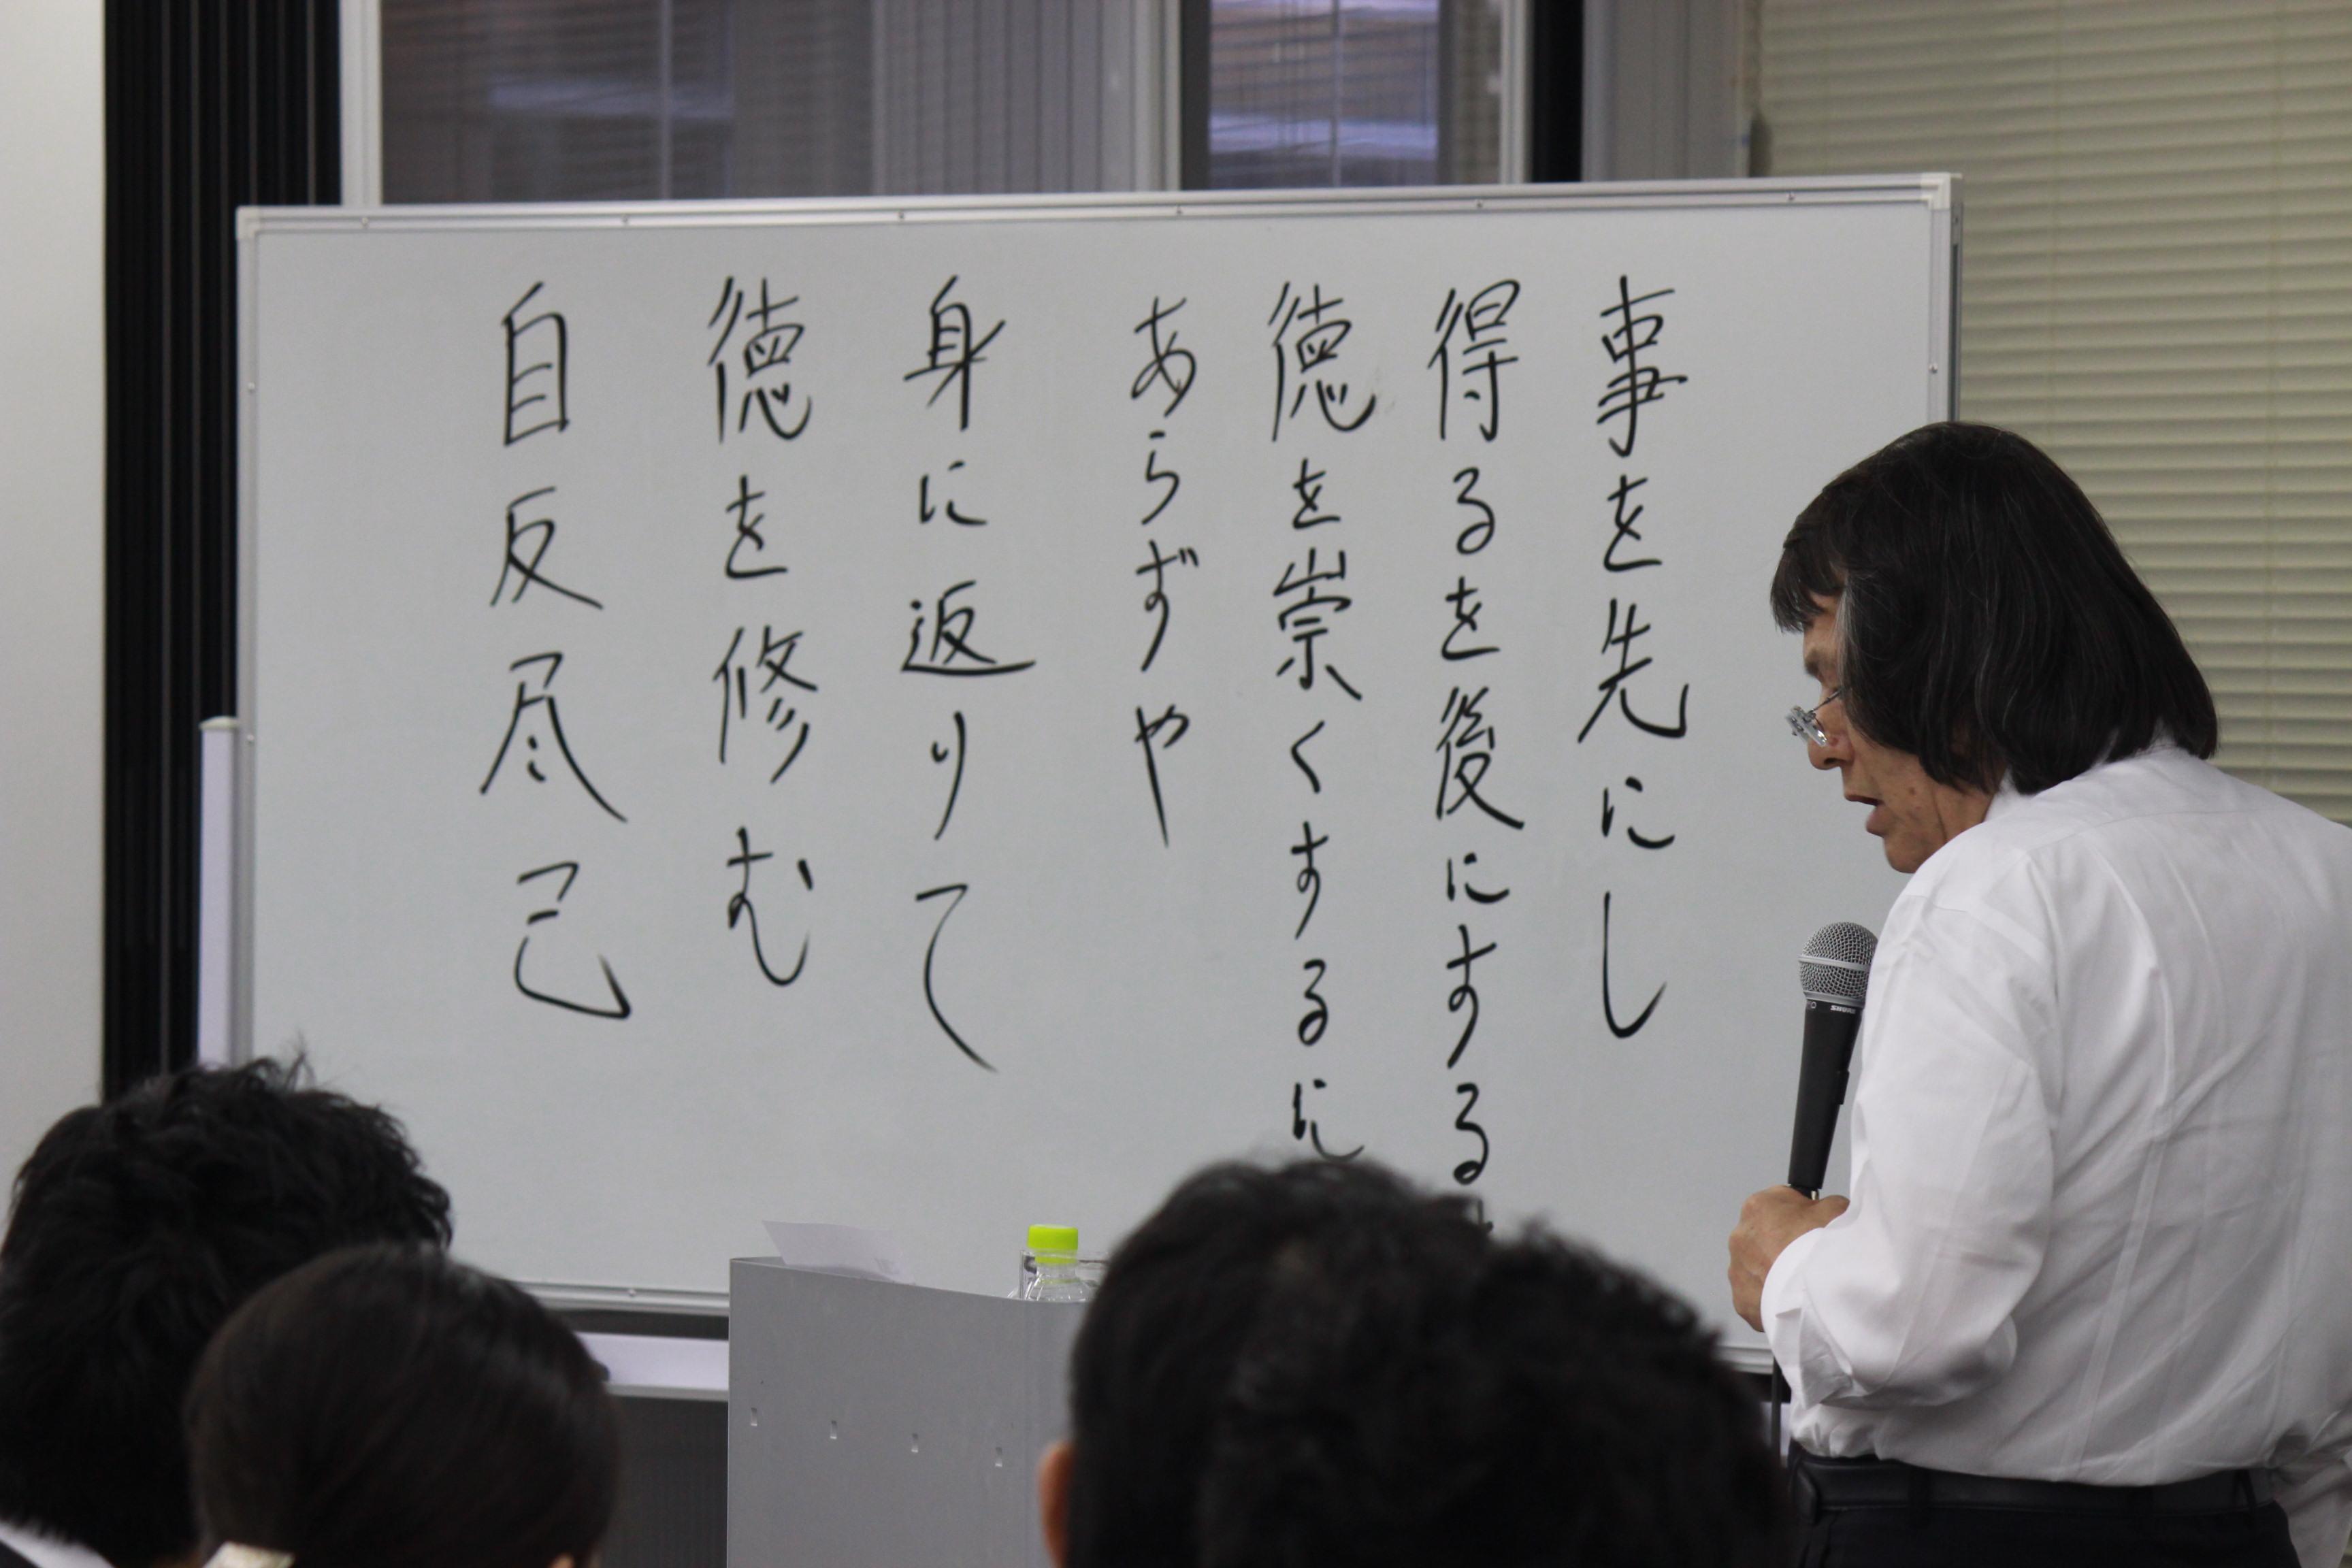 IMG 7862 - 関東若獅子の会、記念すべき第100回